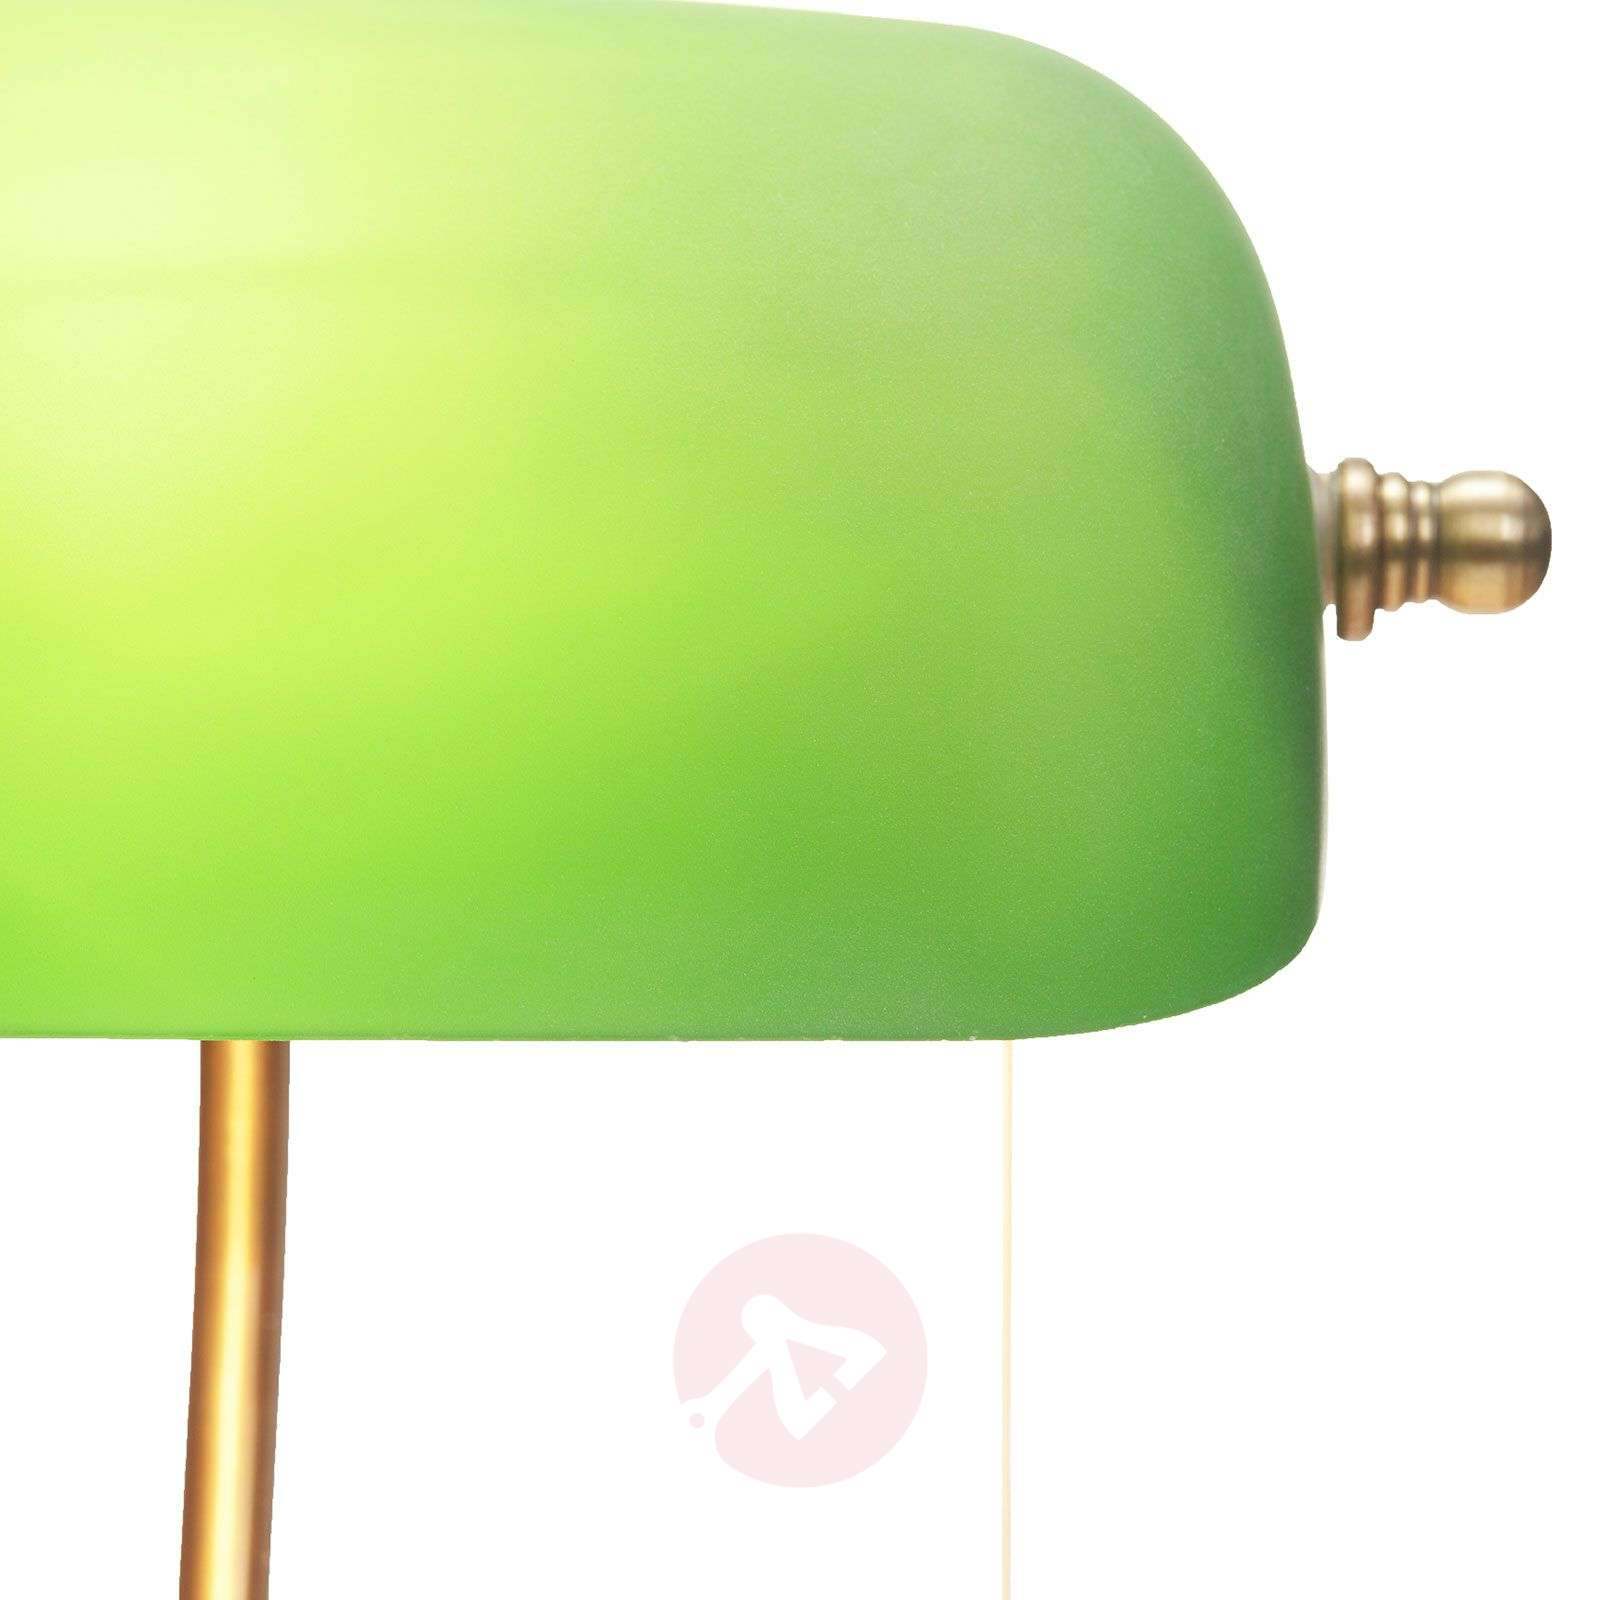 Milenka työpöytävalaisin vihreällä varjostimella-9620986-03